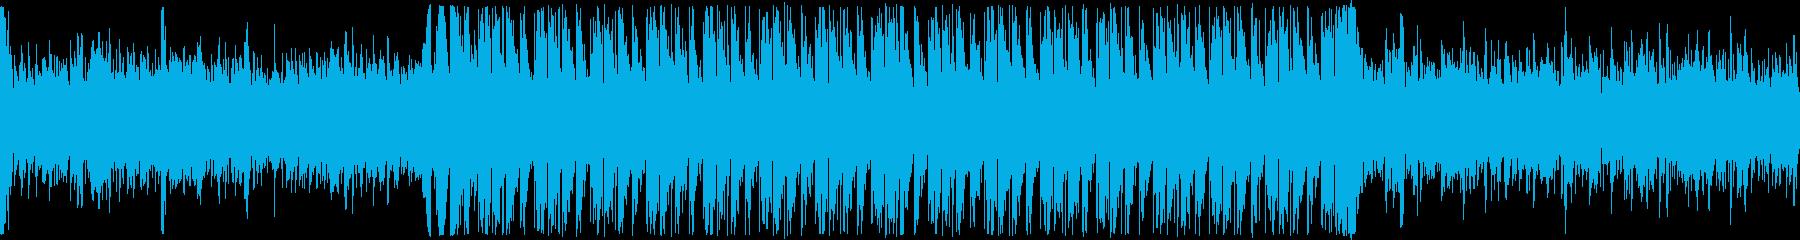 バッドエンドやホラー系のアンビエント曲の再生済みの波形